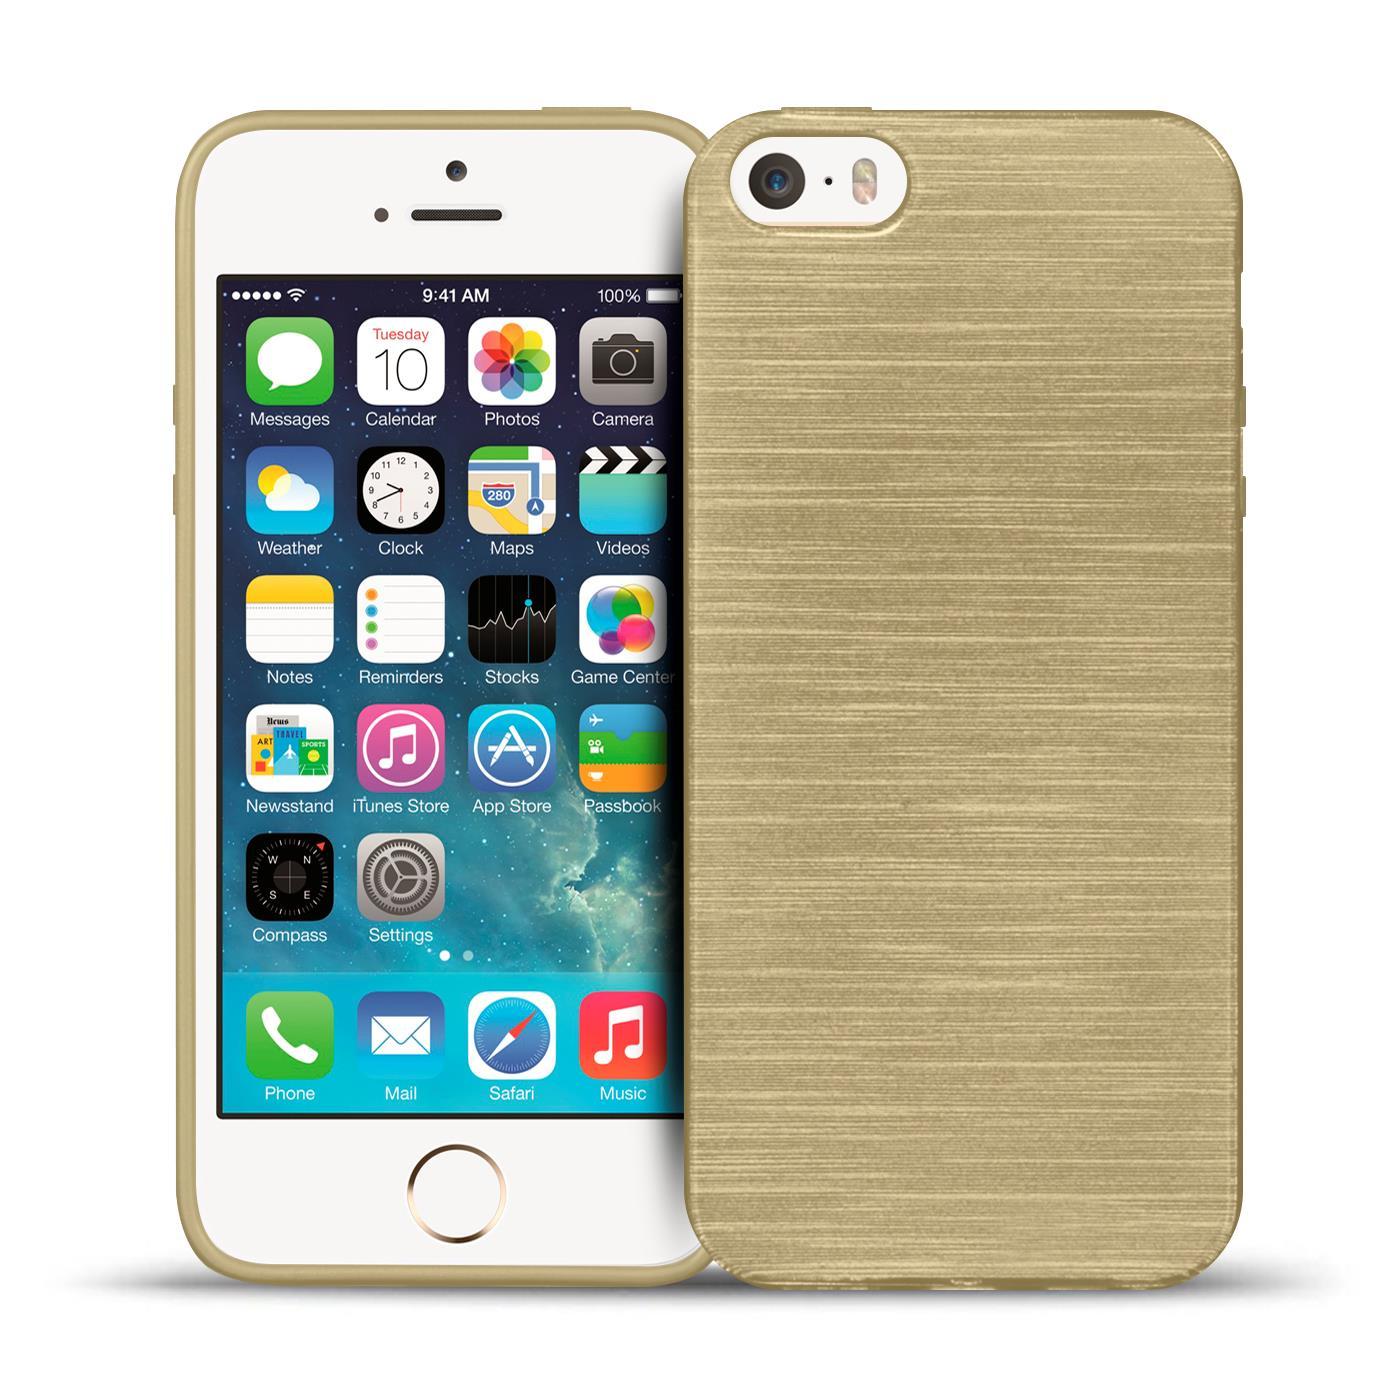 31962b1d230 Schutz Hülle für Apple iPhone 5 5S SE Silikon Case Handy Tasche ...